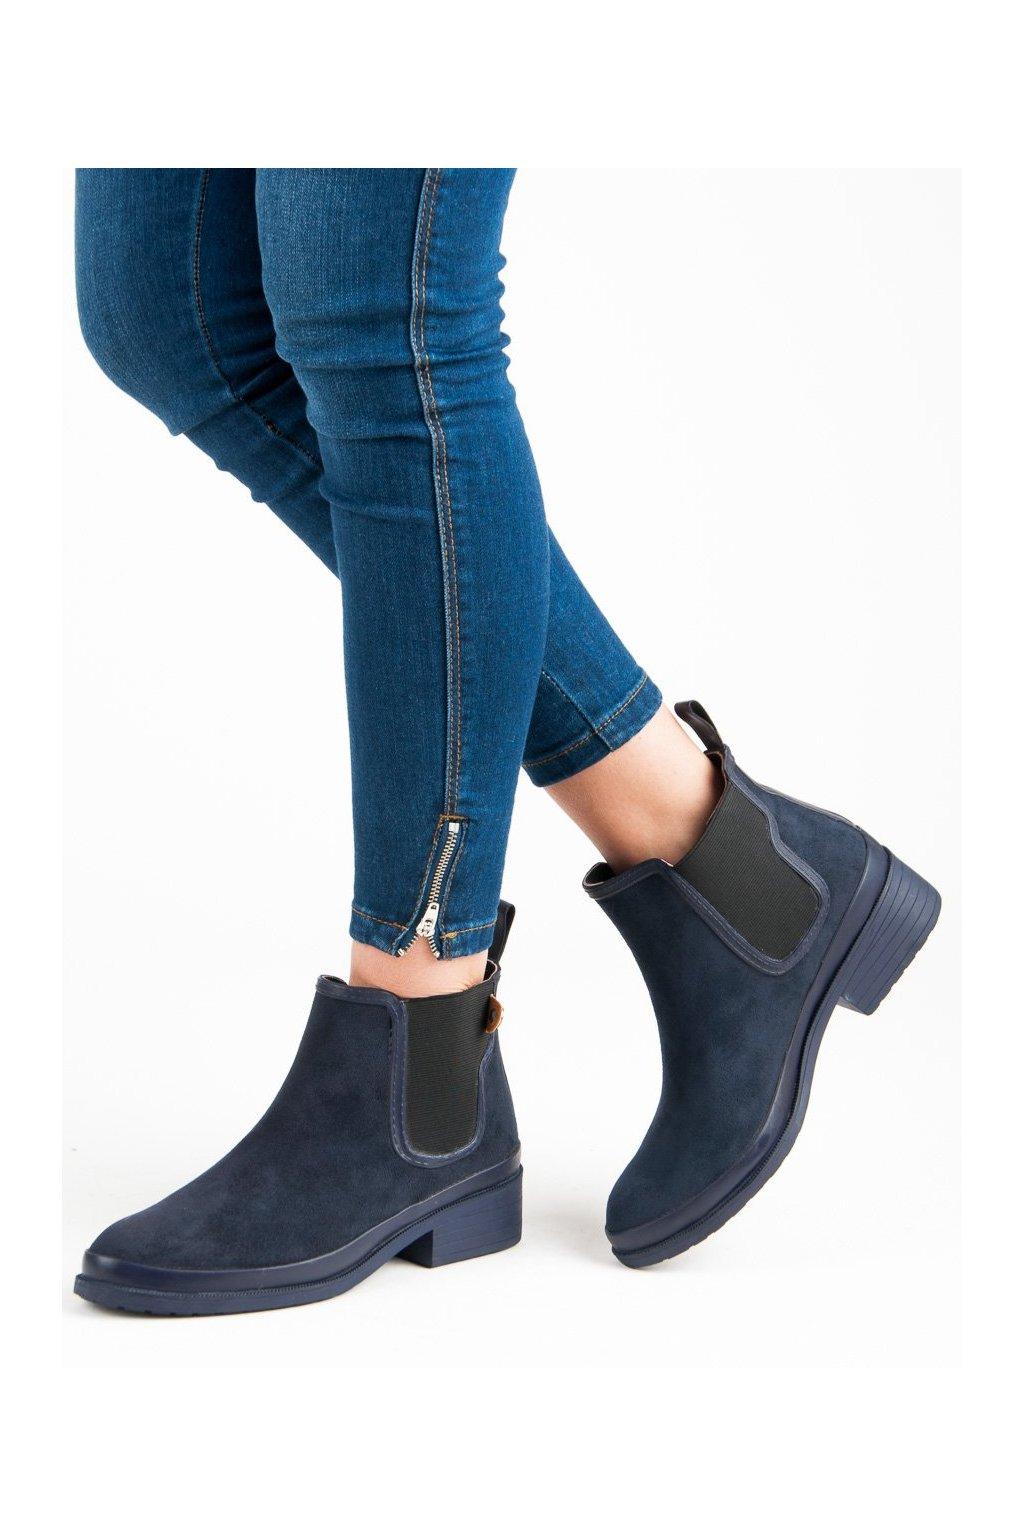 Modré dámske topánky Kylie kod K1871201MAR